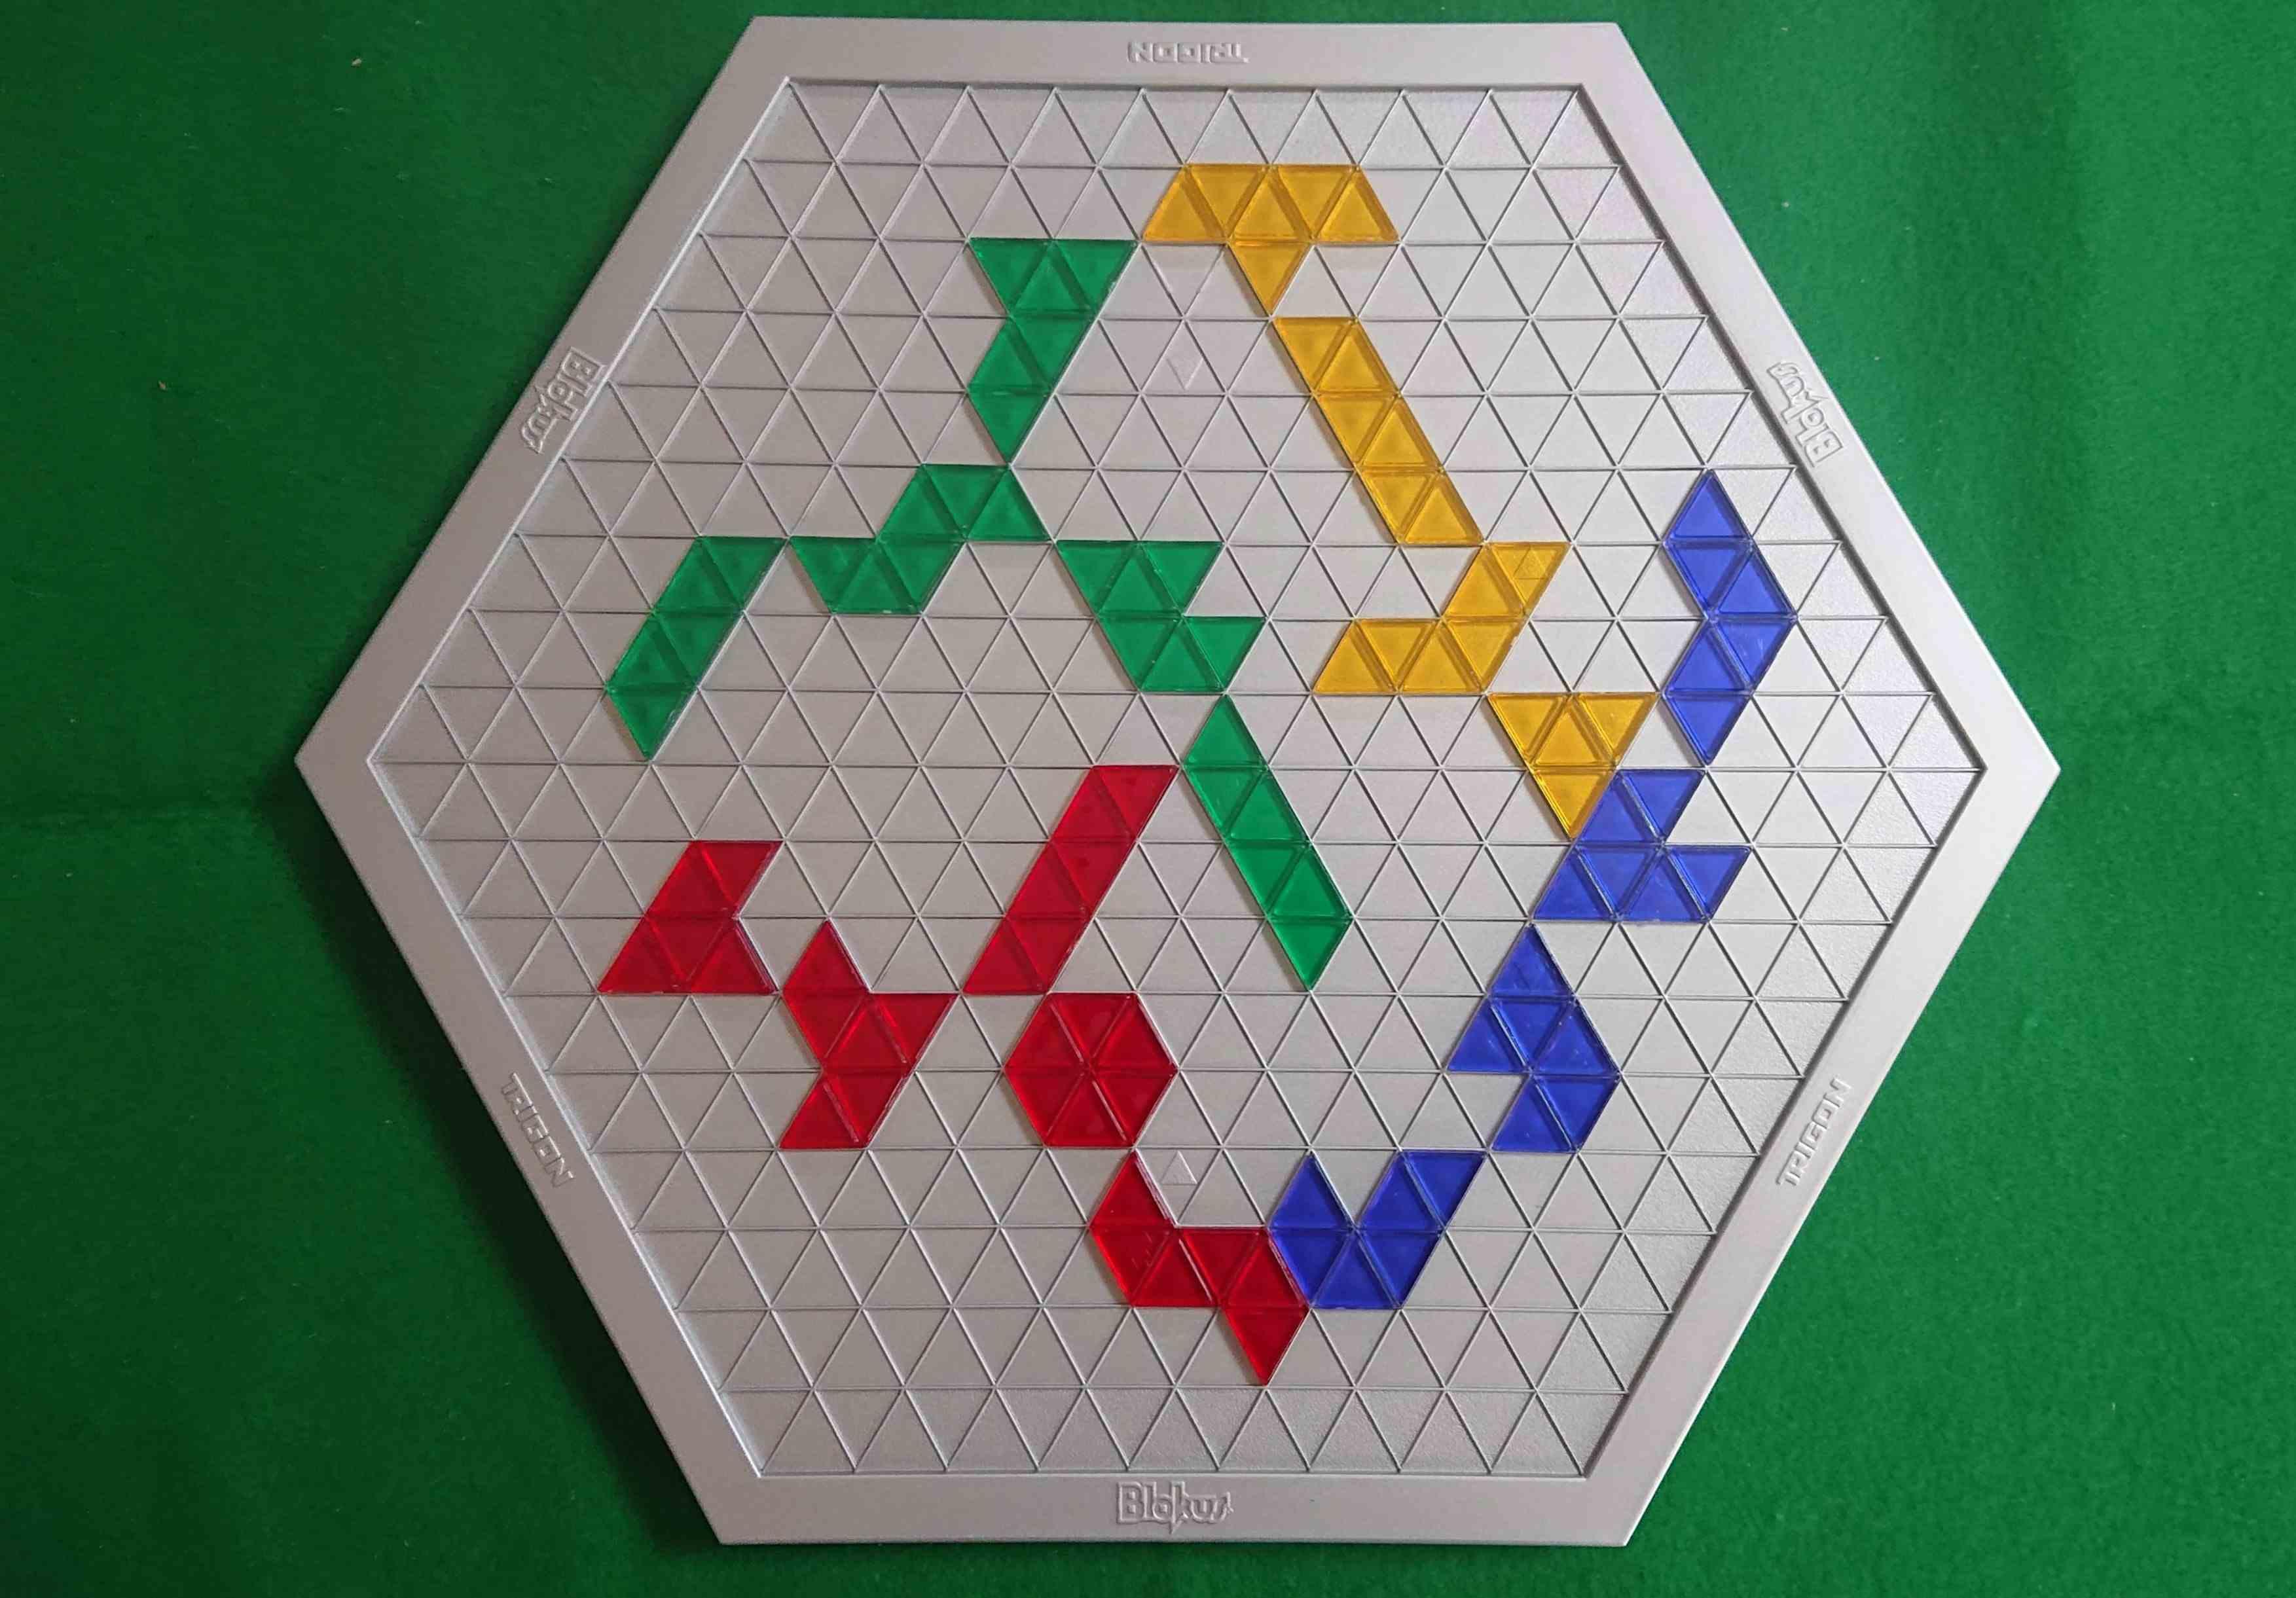 ブロックストライゴン 本家の名作「ブロックス」より面白いかも!? 傑作ボードゲーム